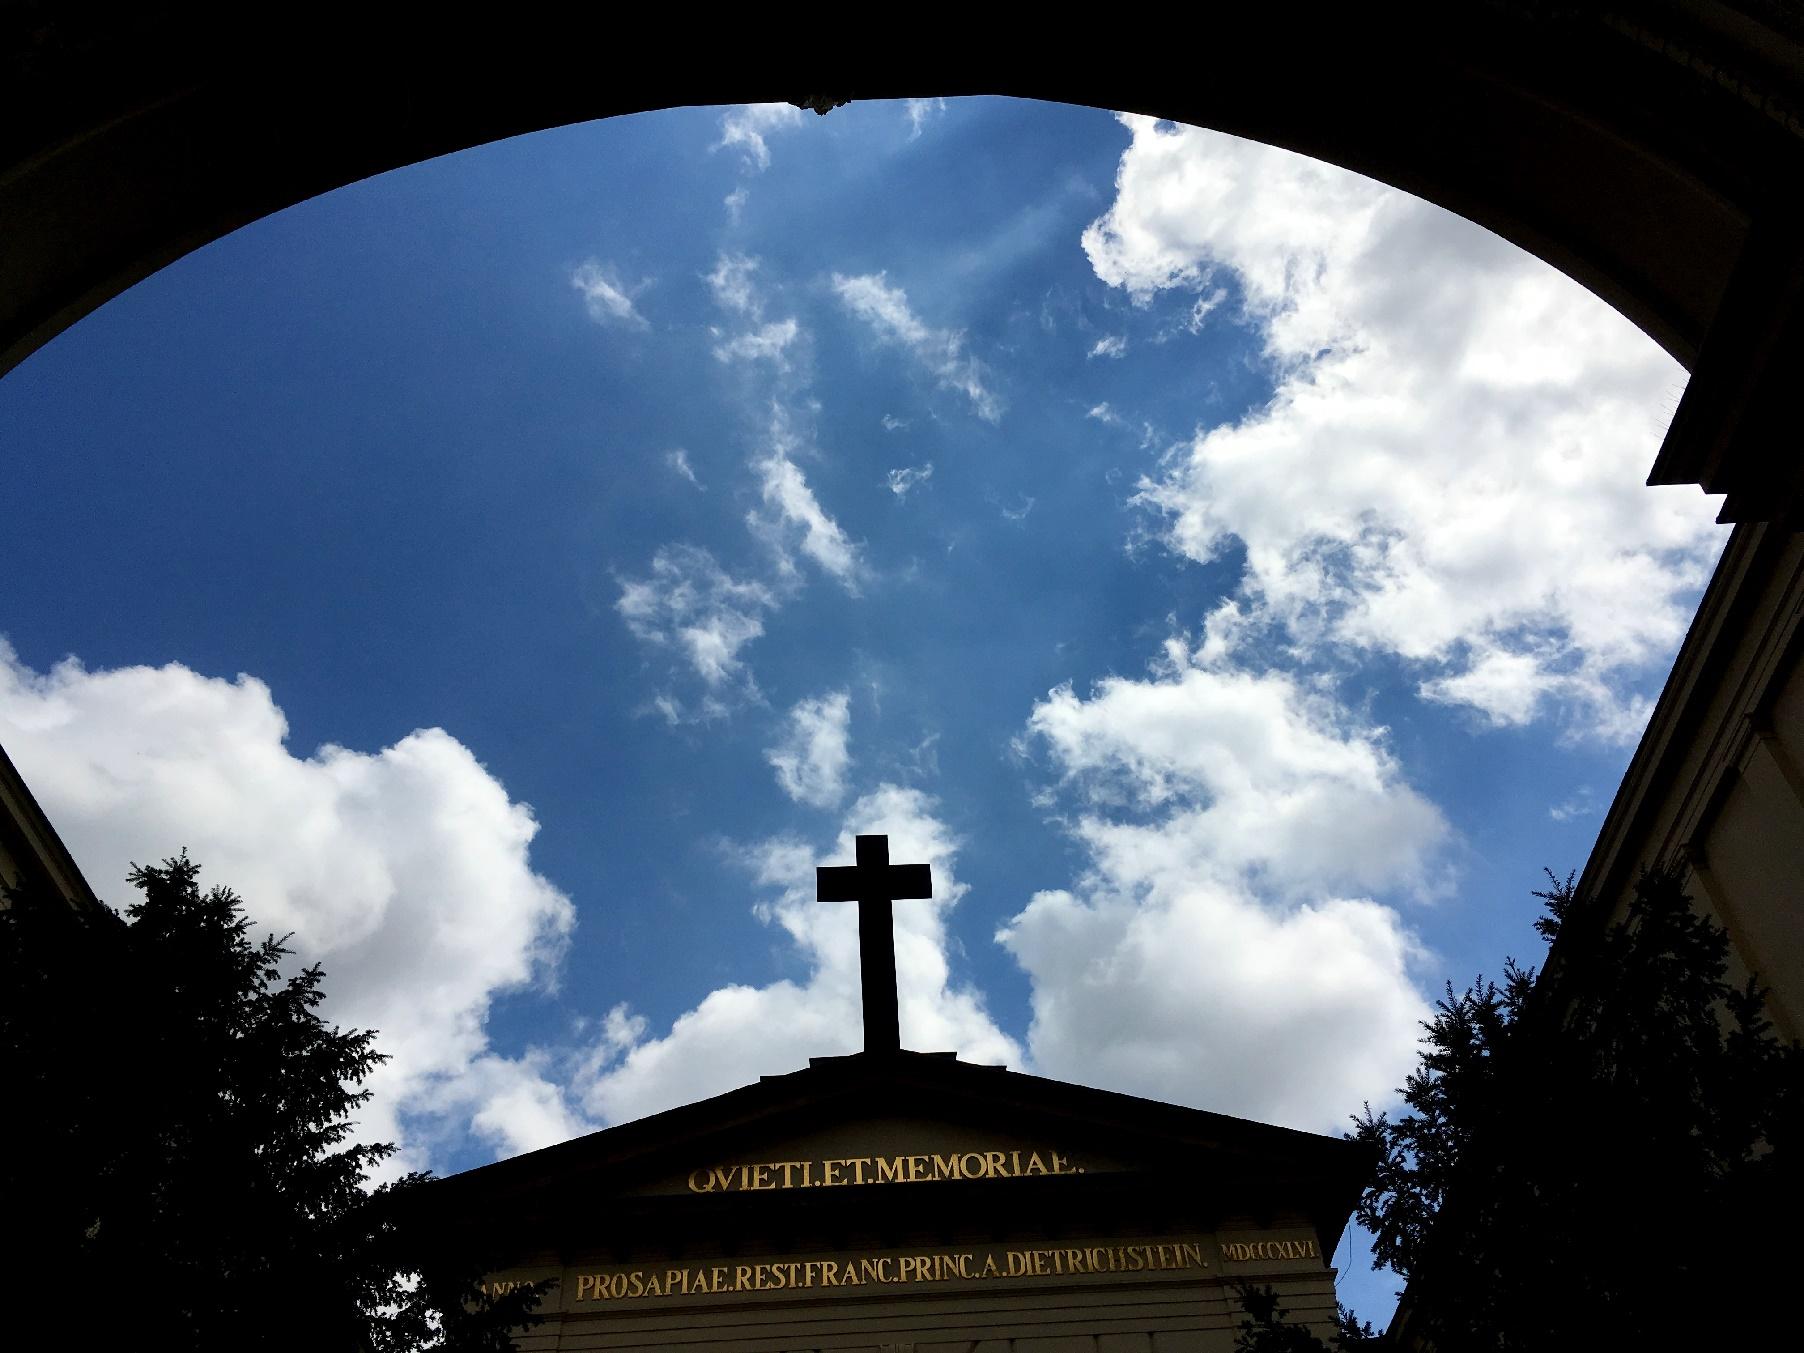 Still a part of the Dietrichstein tomb.